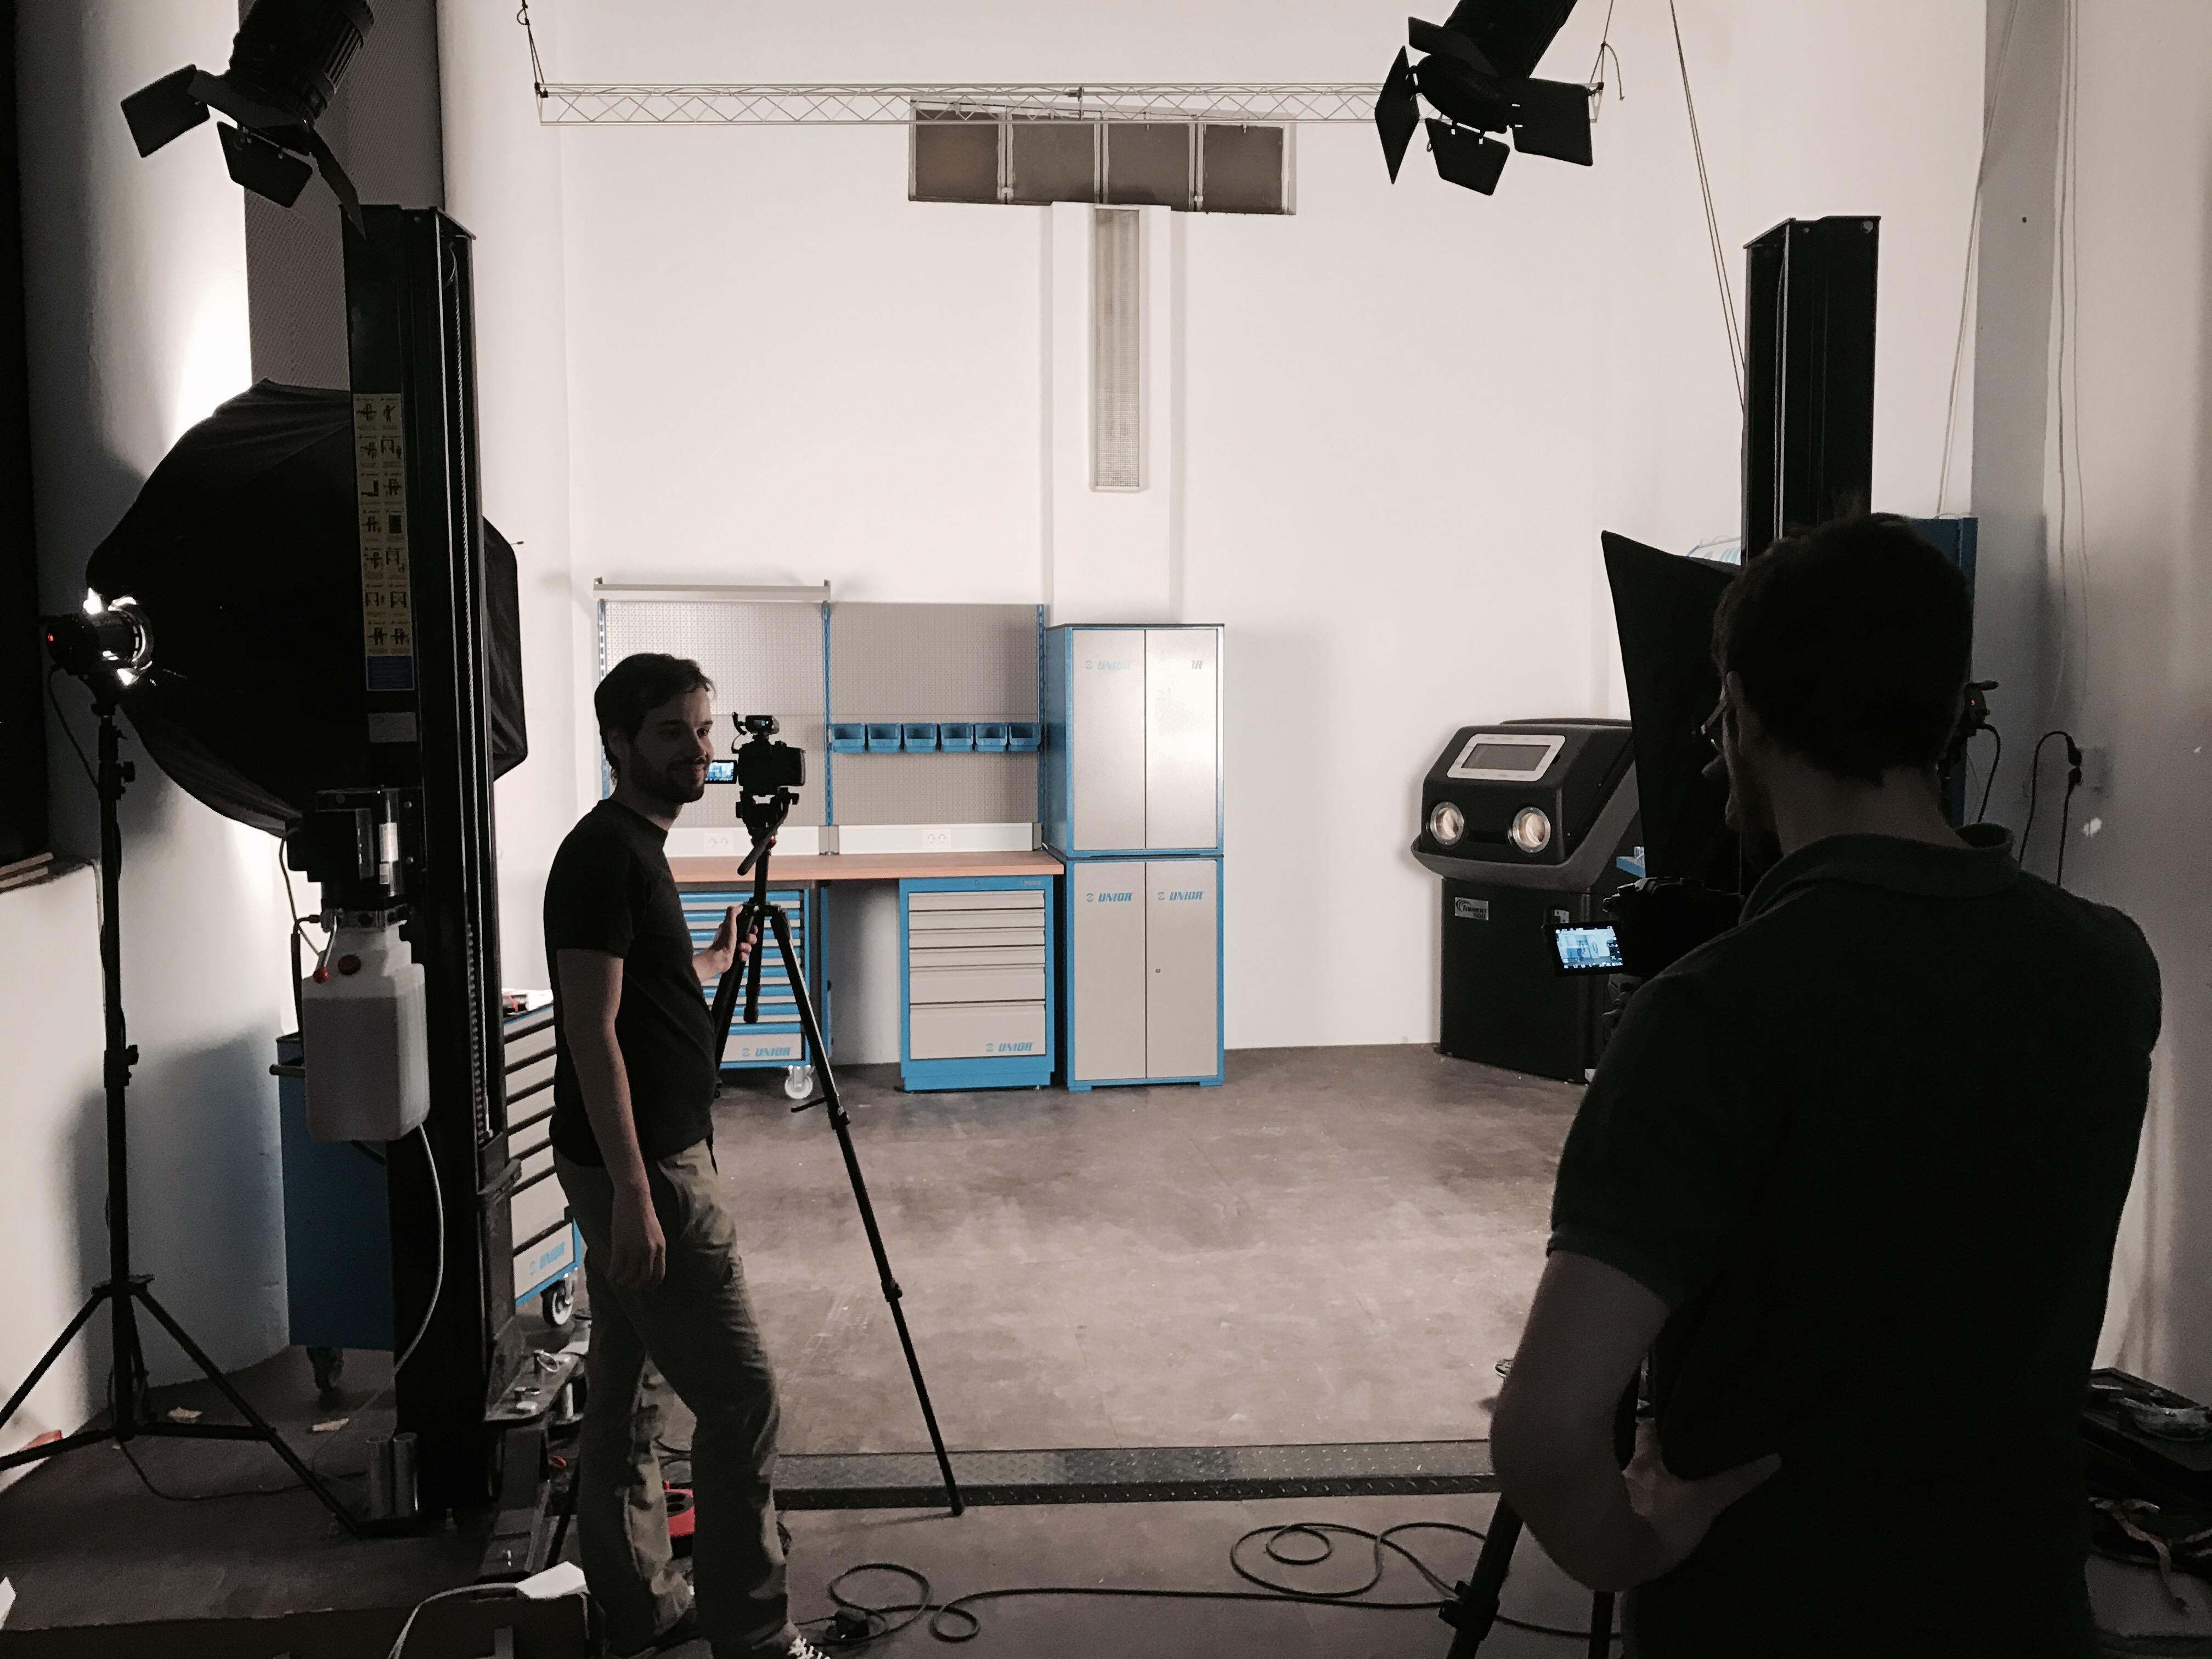 filming-begins